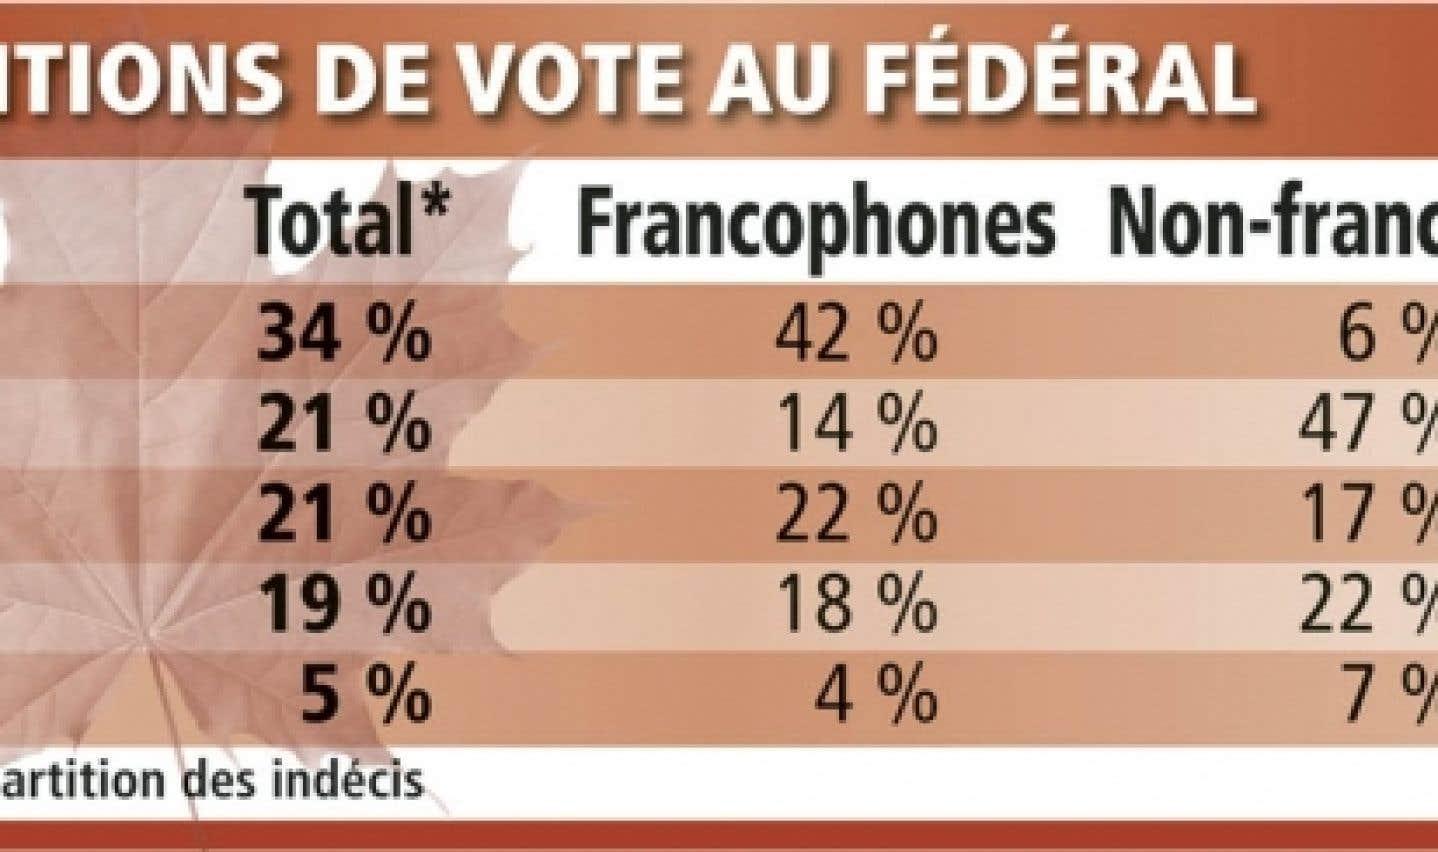 Sondage Léger Marketing-Le Devoir-The Gazette - Layton rattrape Ignatieff au Québec